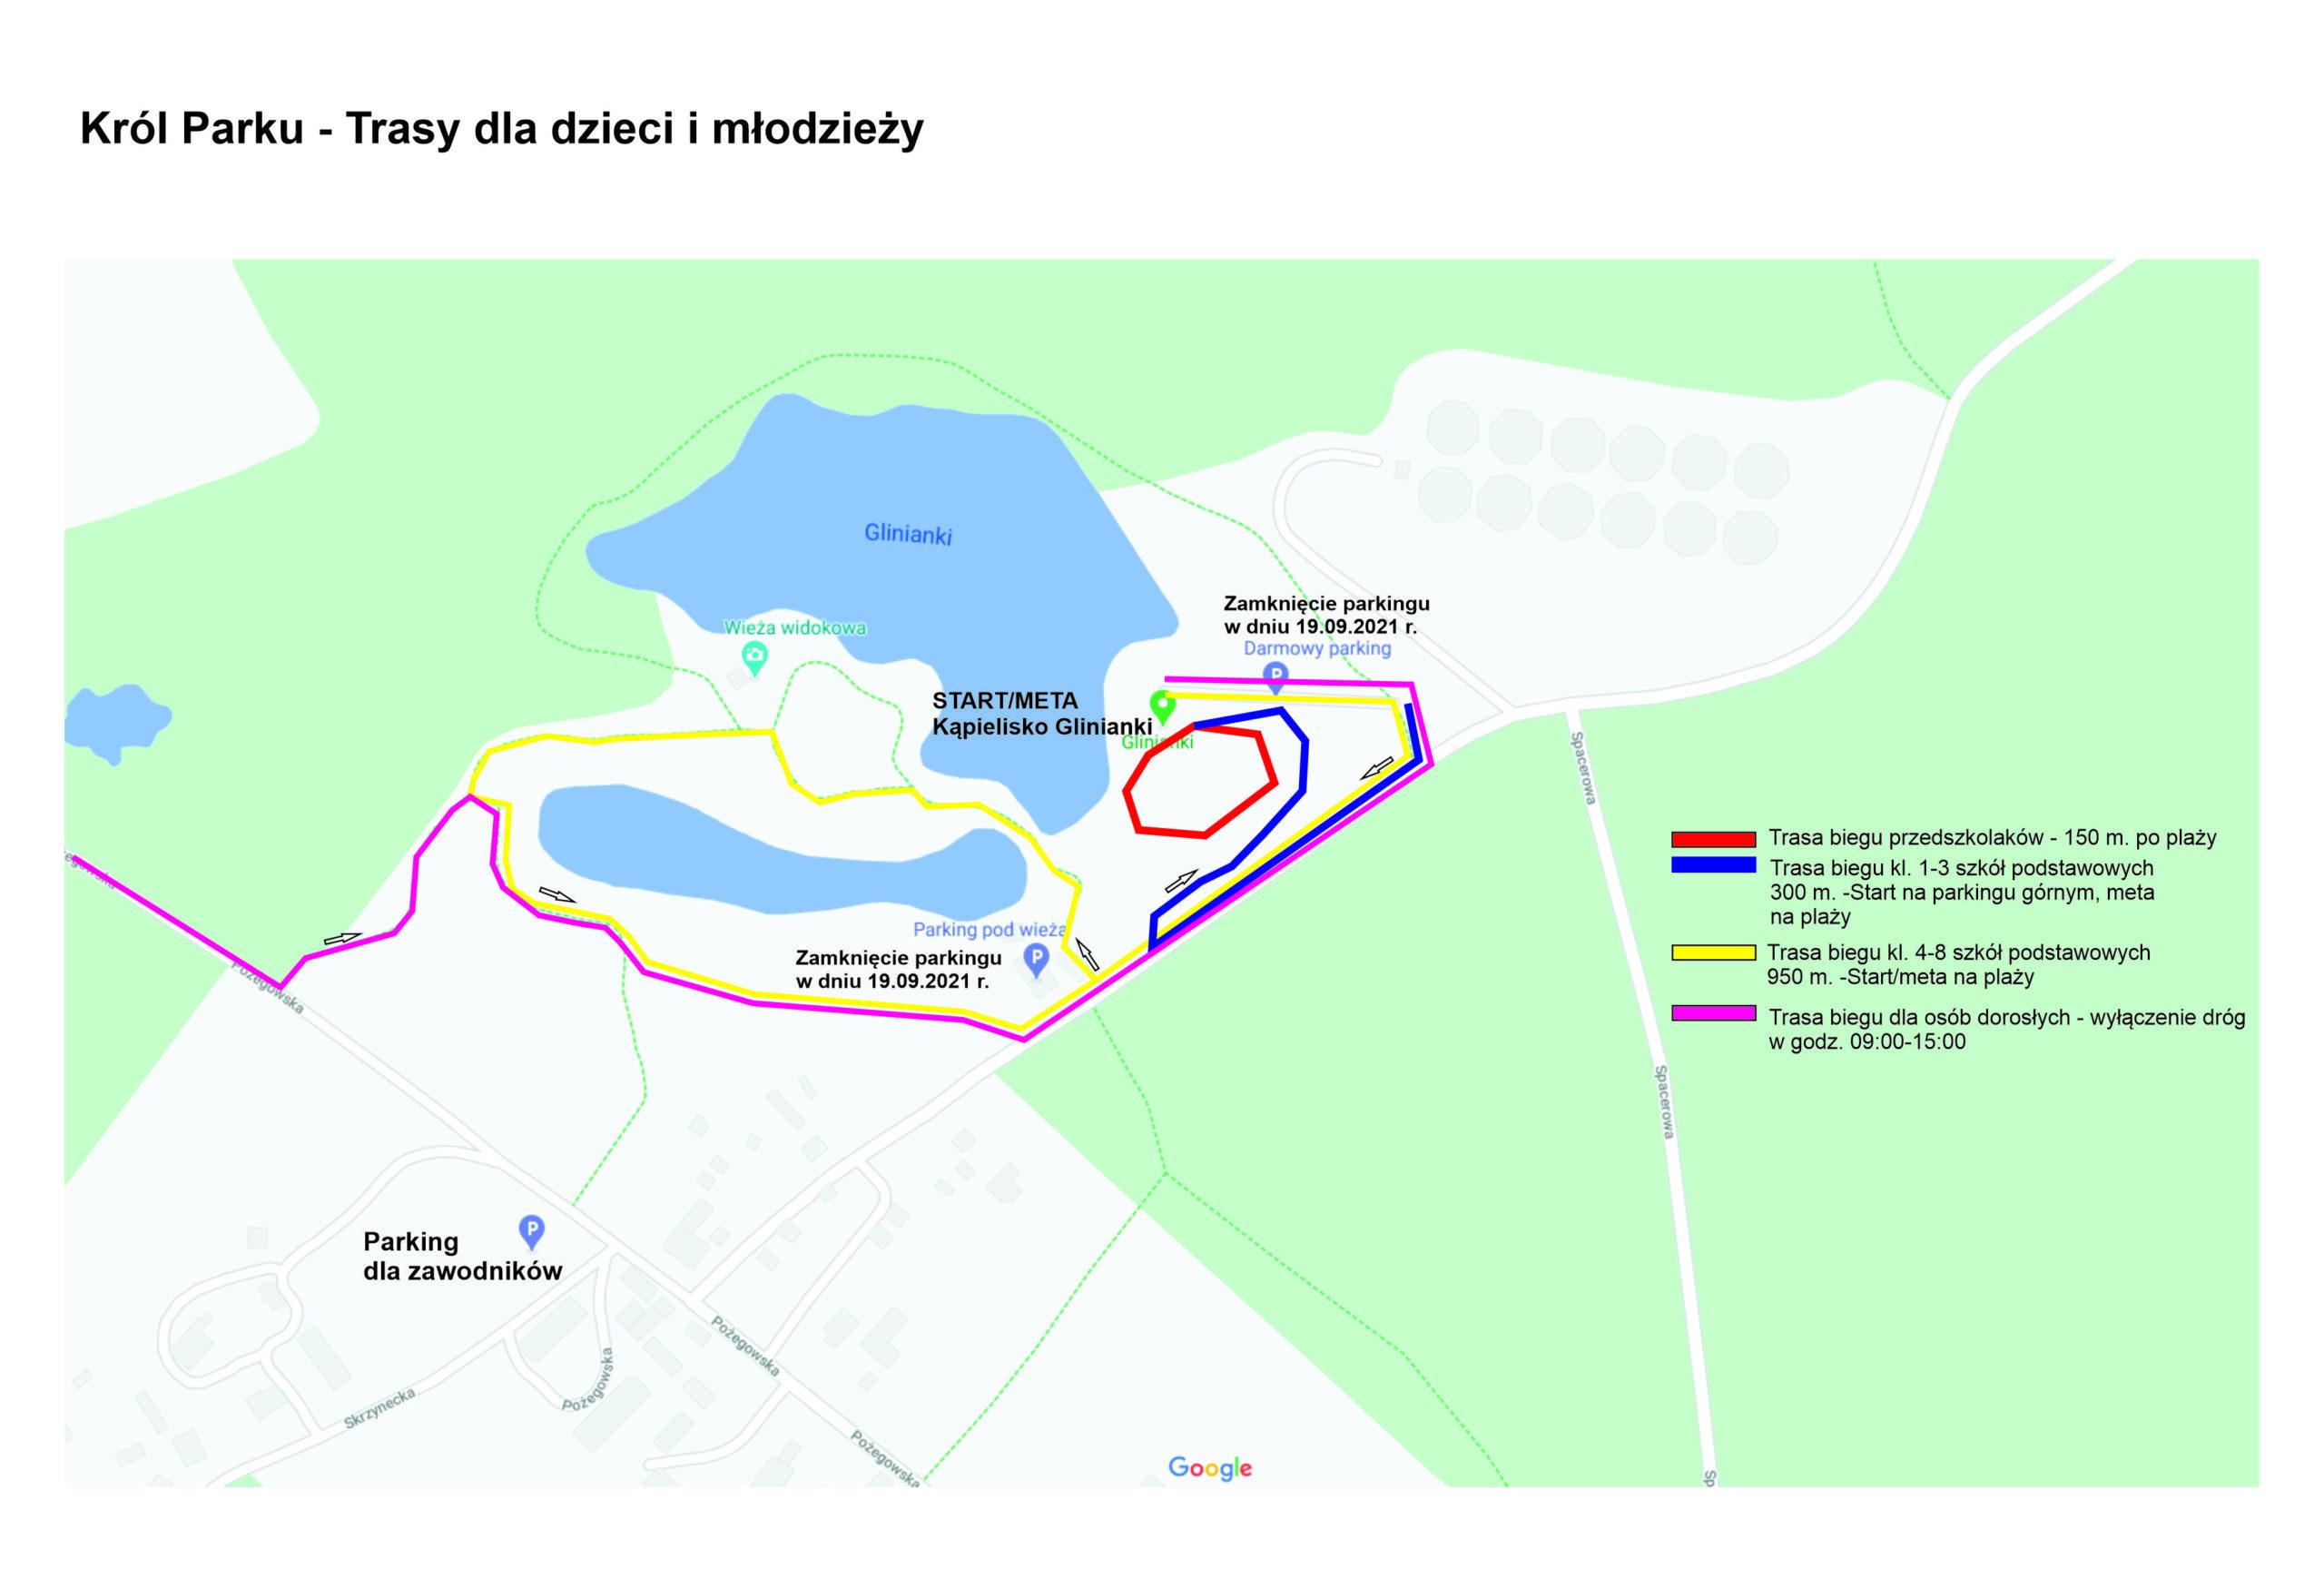 trasy dla dzieci i młodzieży wokół Glinianek na bieg król parku w dniu 19 wrzesnia 2021 roku